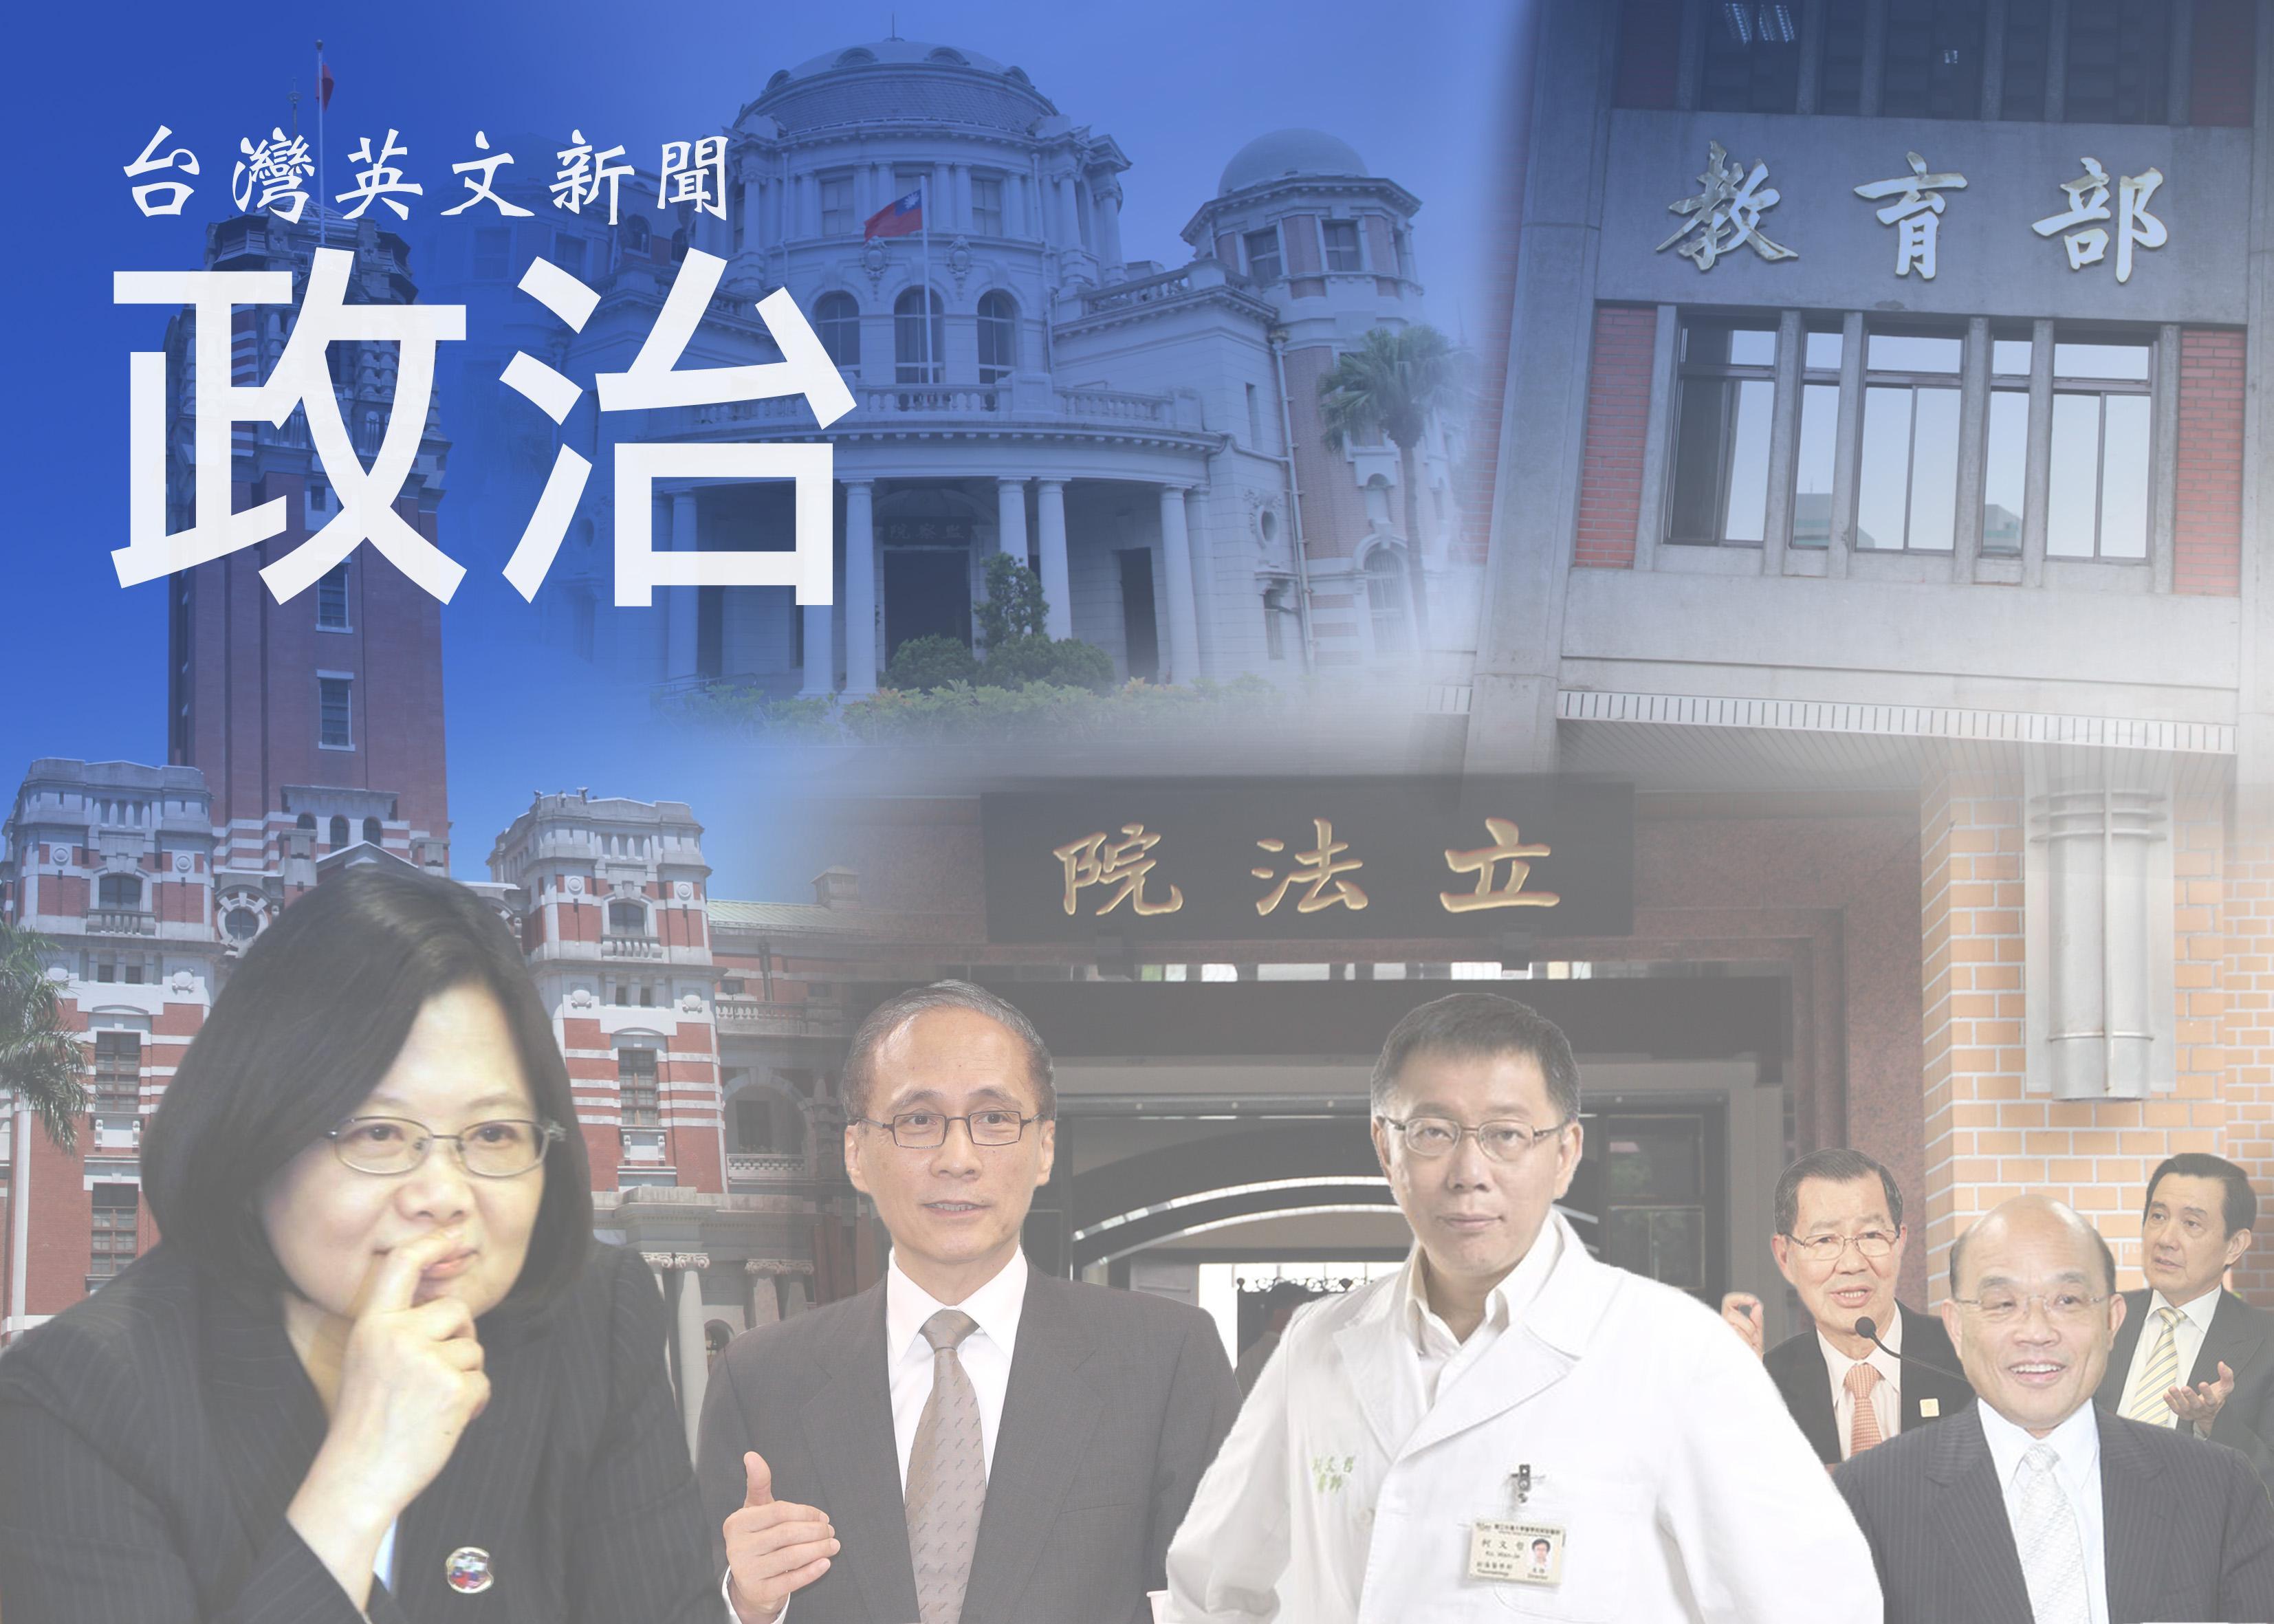 總統悼念二二八家屬廖德雄